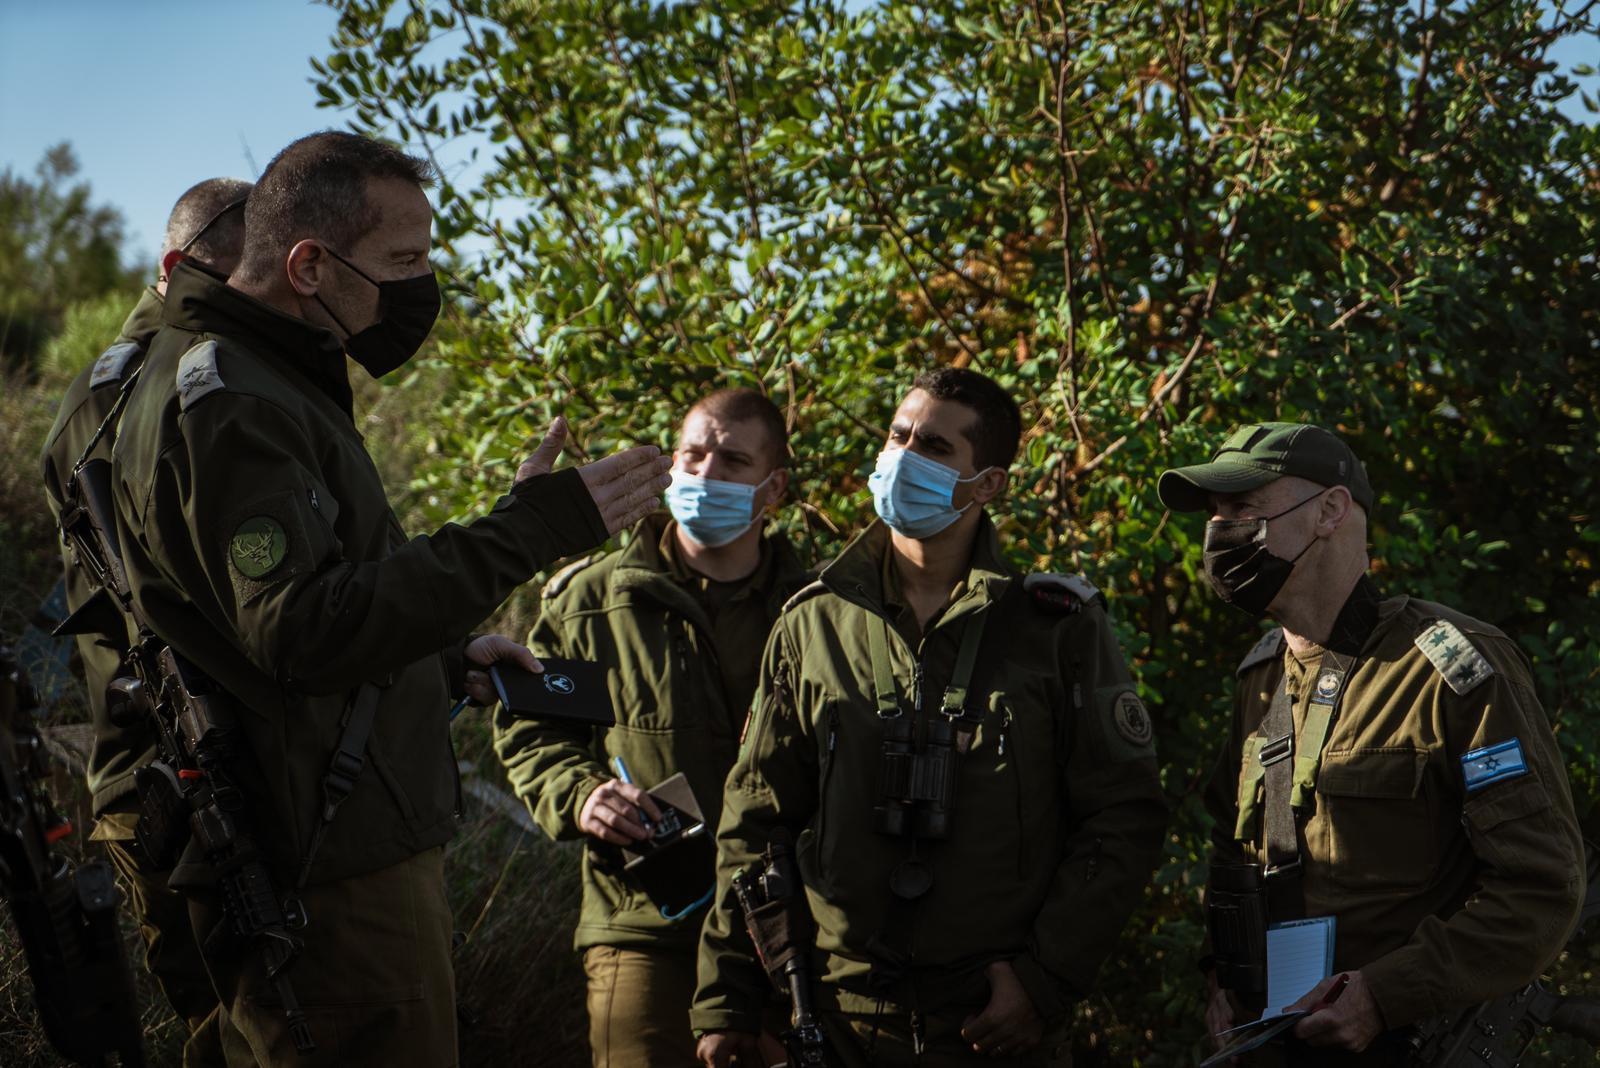 אימון חטיבה 188בגזרה הצפונית